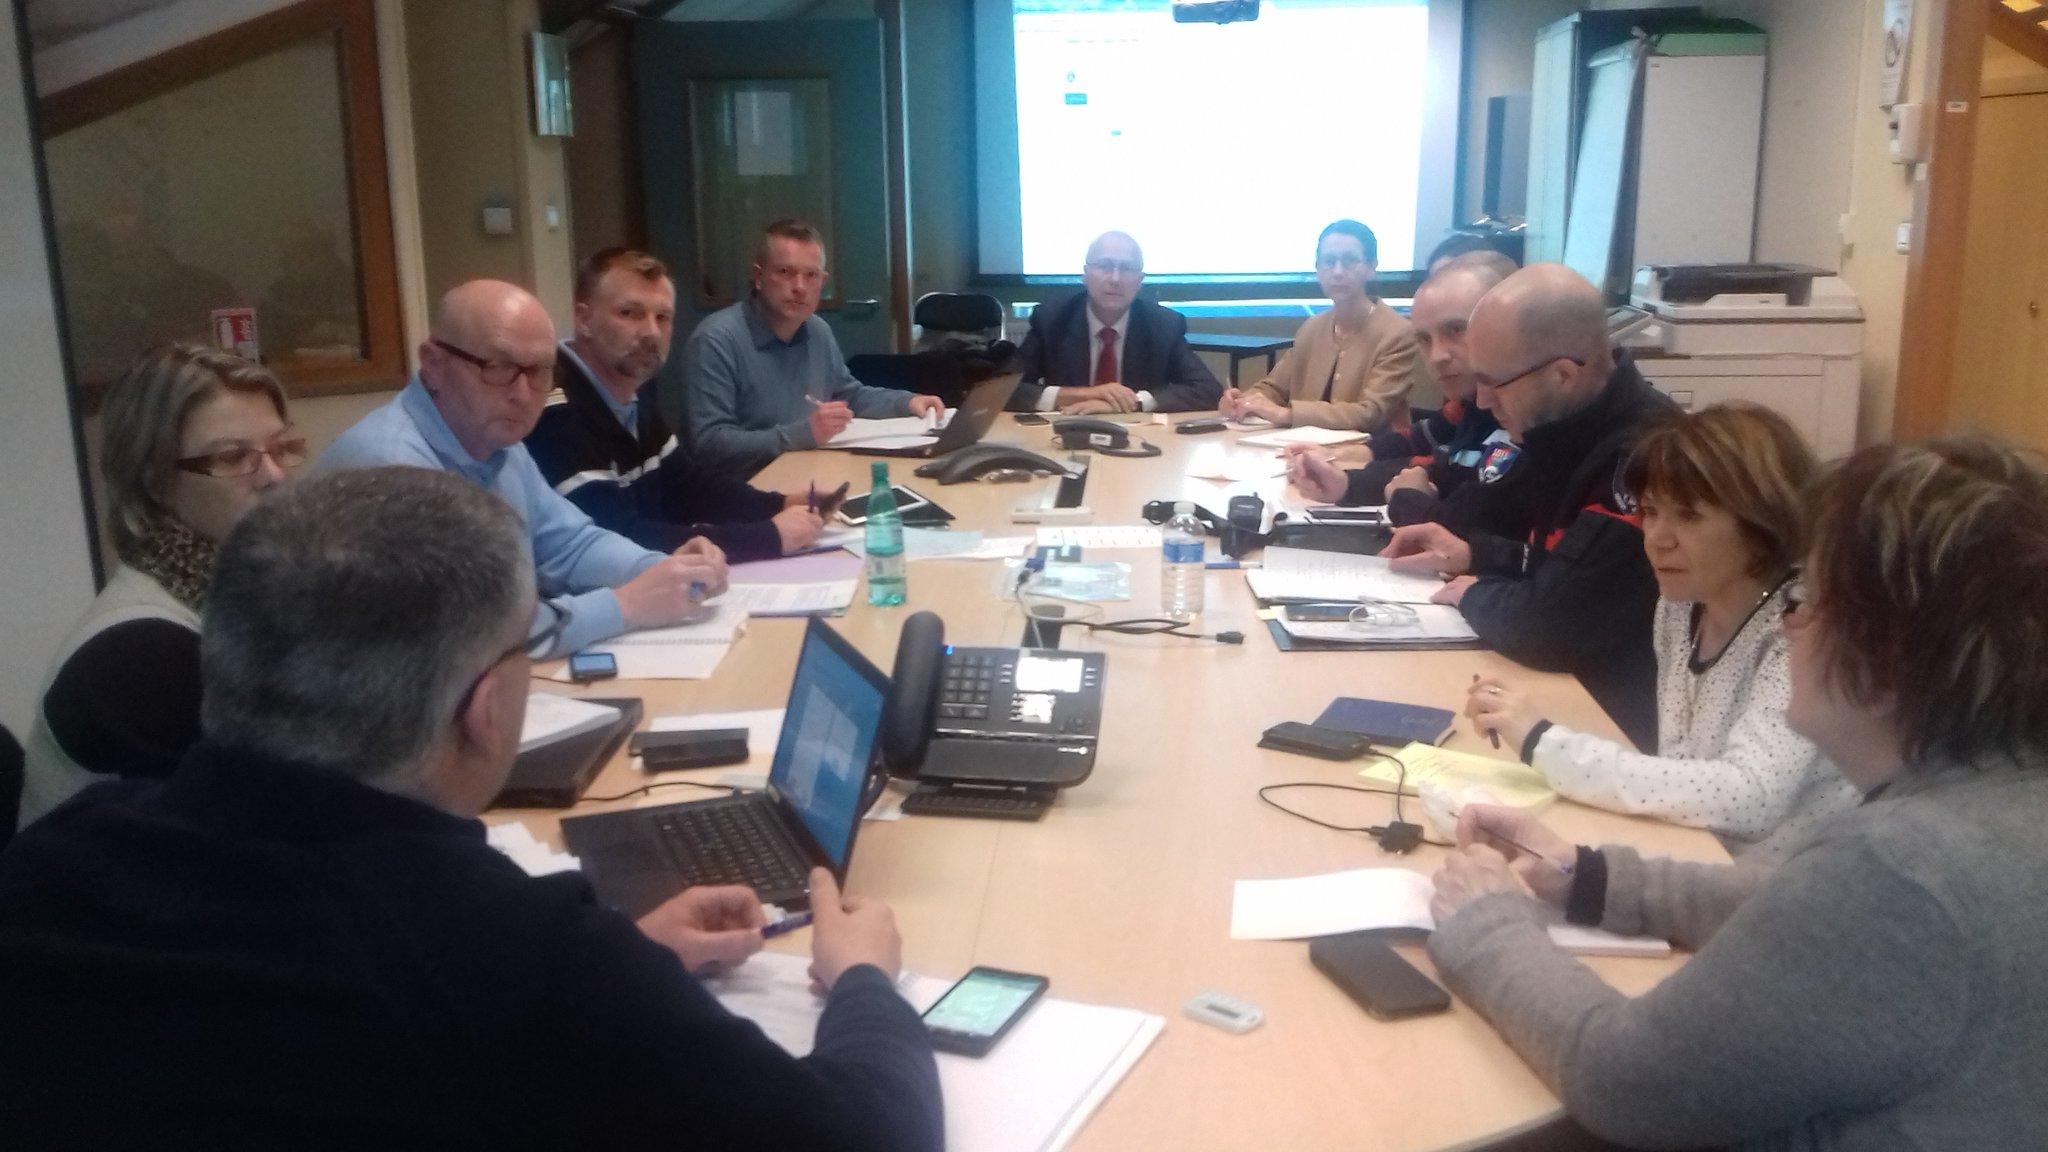 Le préfet des Vosges a activé le Centre Opérationnel Départemental (COD) (Photographie Préfecture des Vosges)